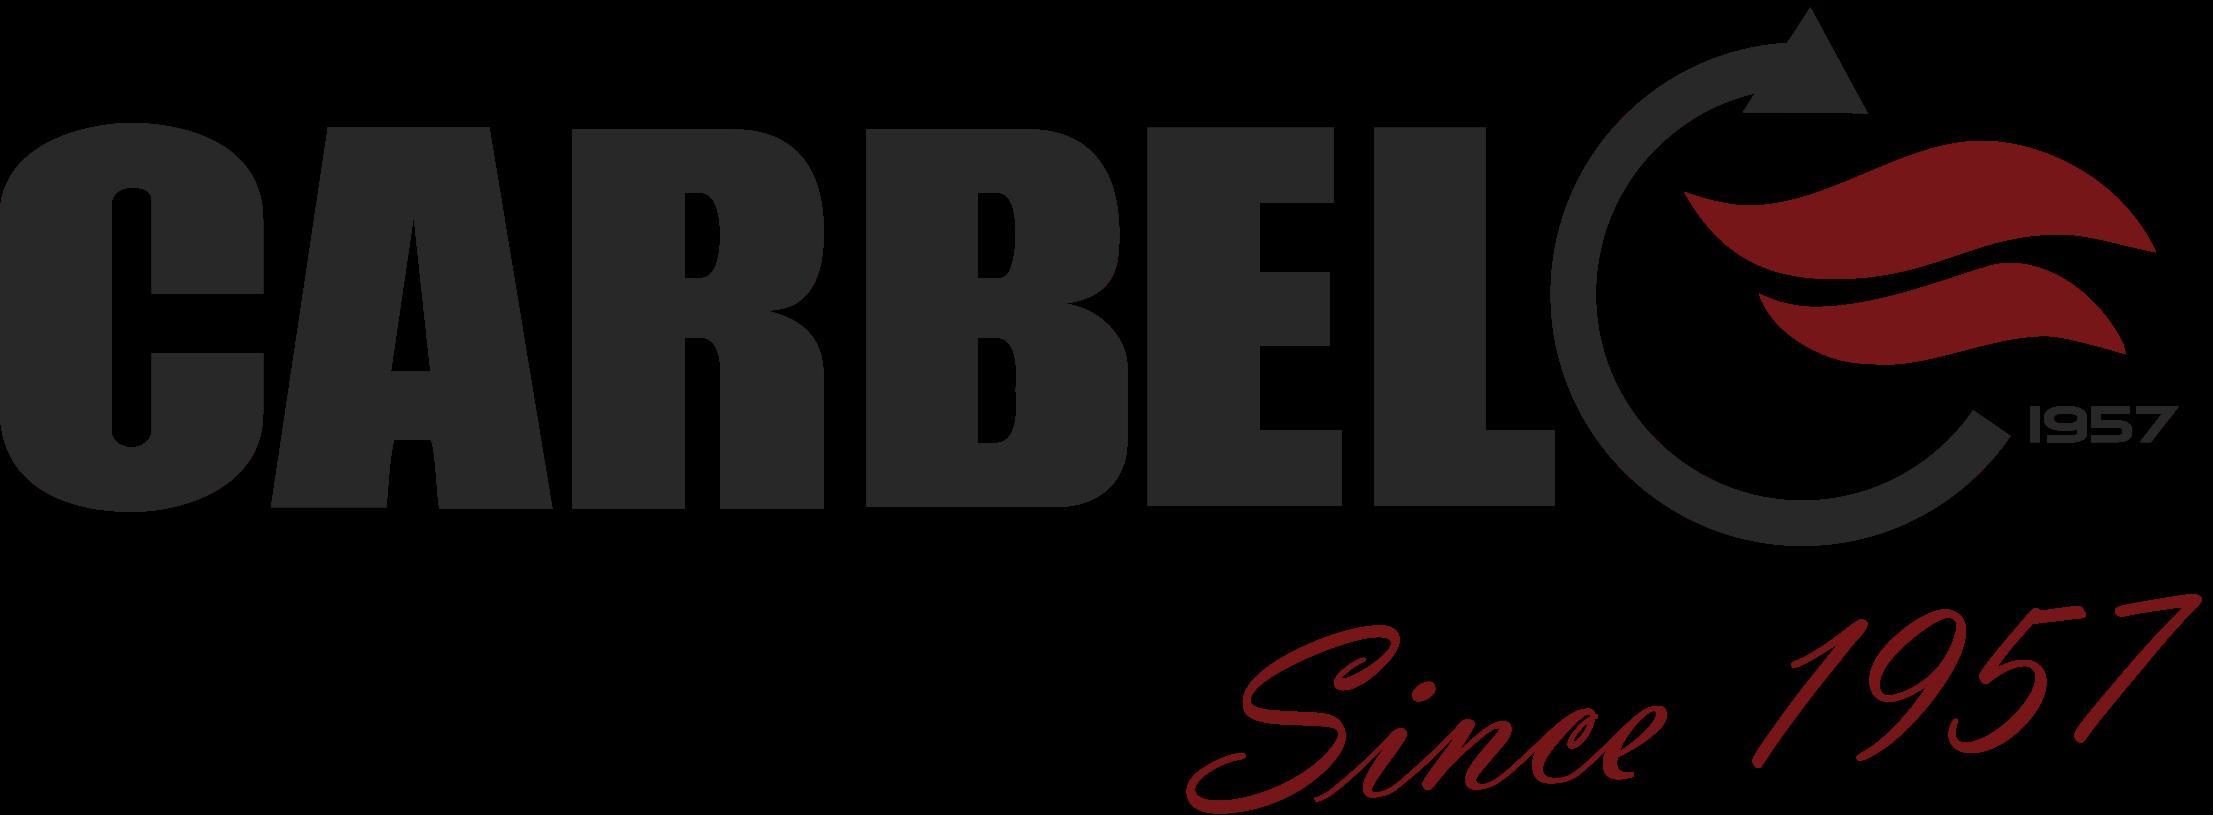 conexio consulting carbel